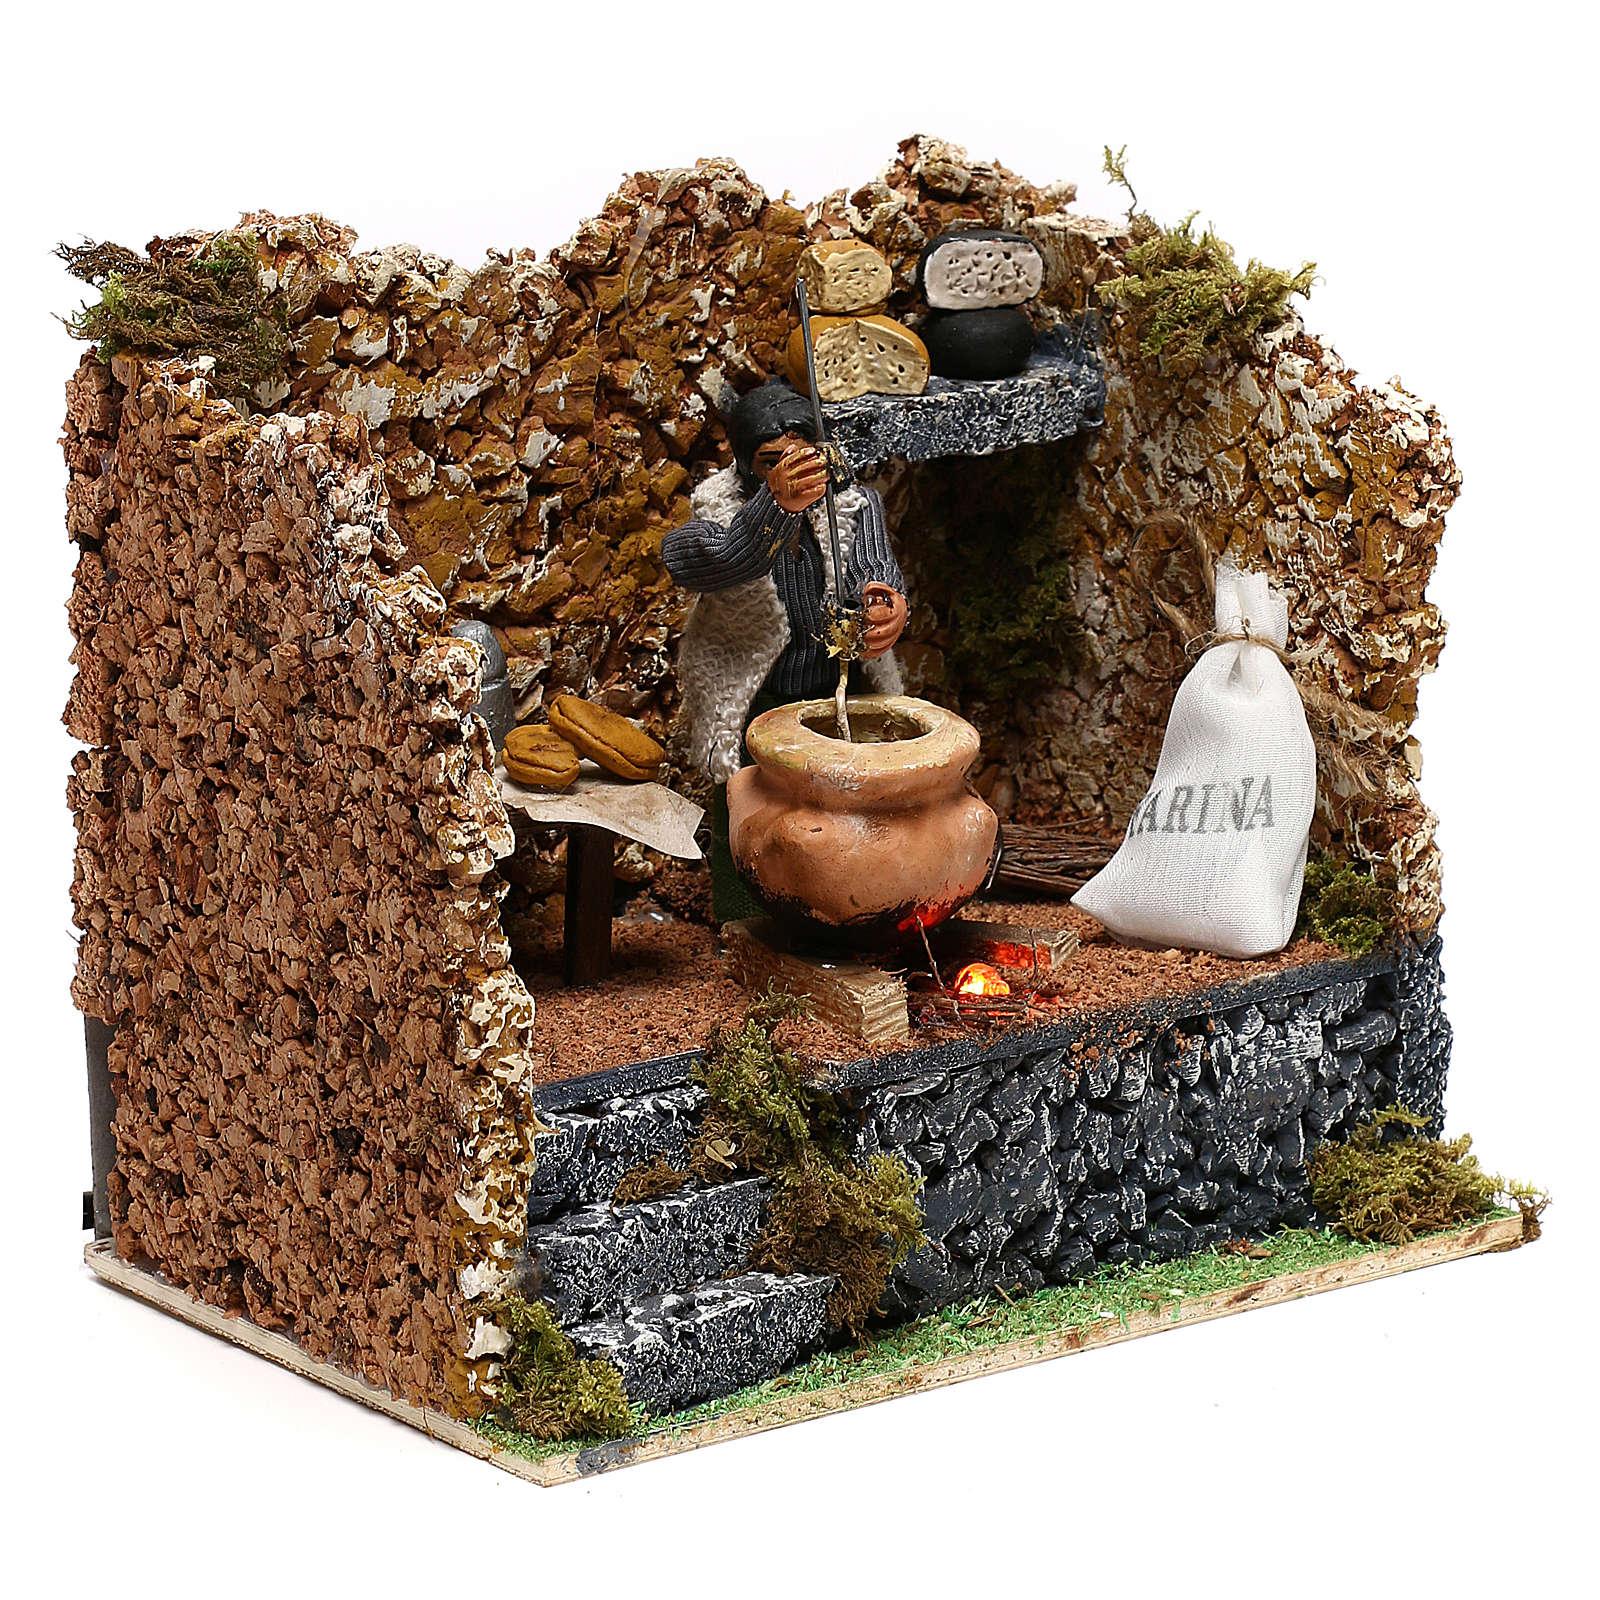 Moving polenta maker for Neapolitan Nativity scene of 8 cm 4